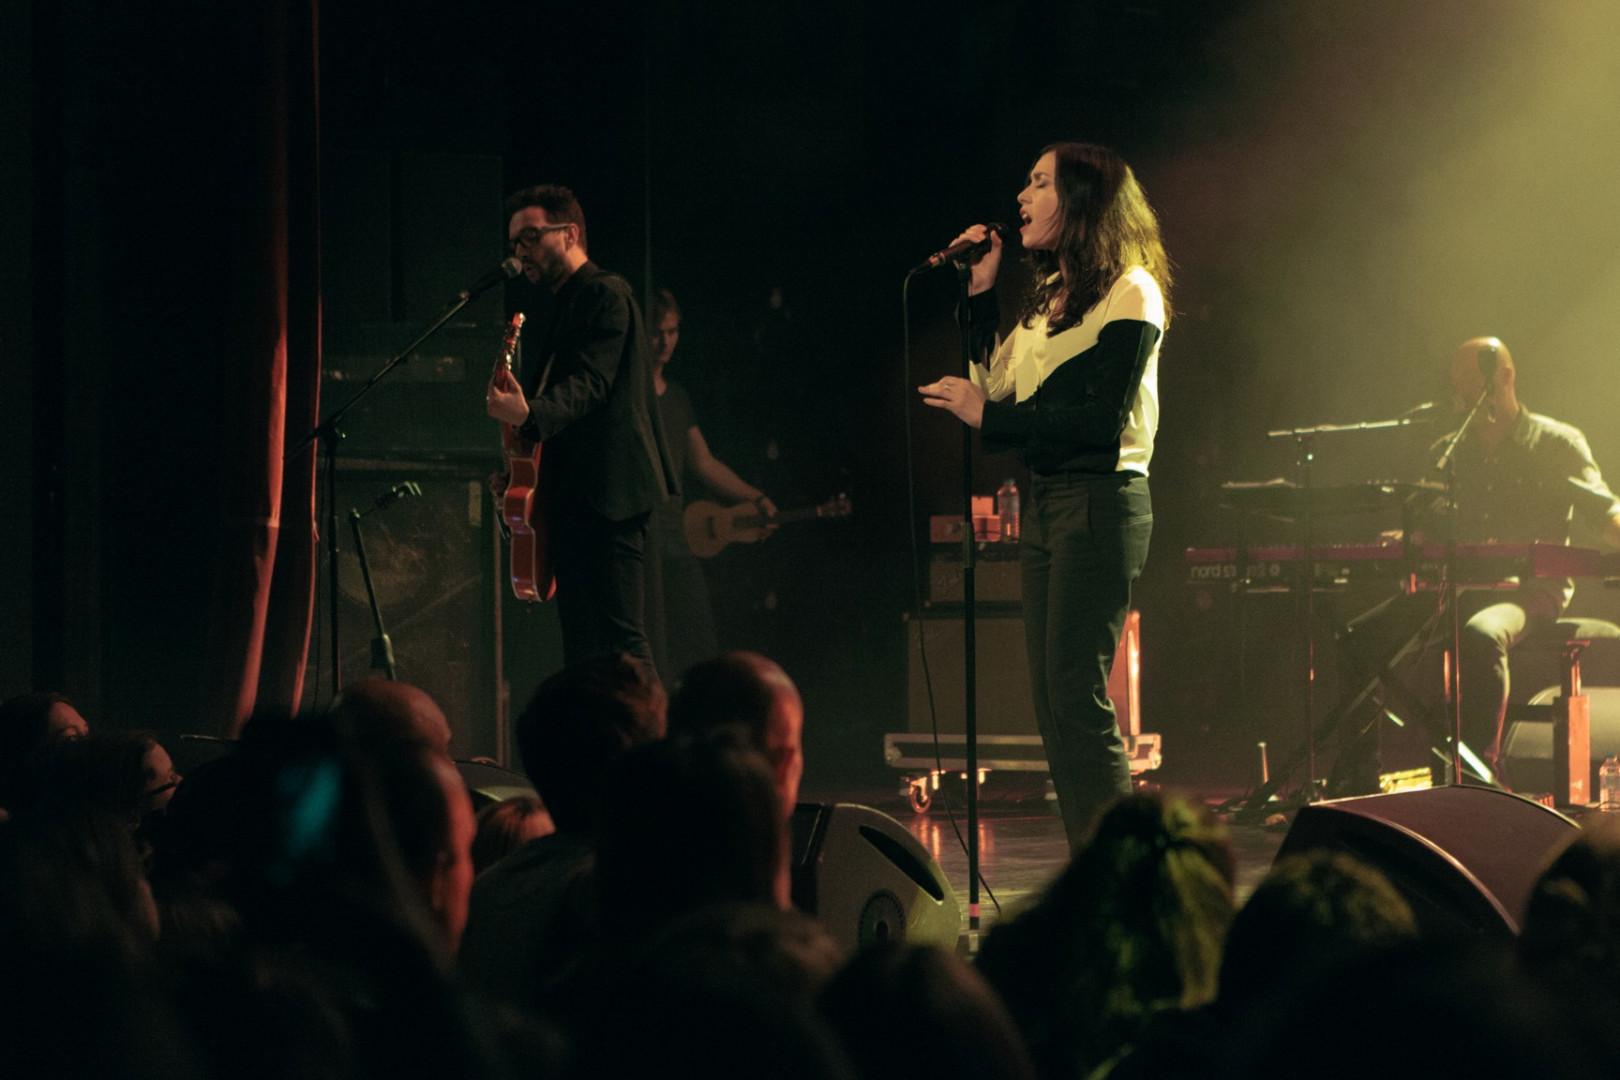 Olivia Ruiz en tournée et à la Cigale de Paris du 21 au 23 février 2017